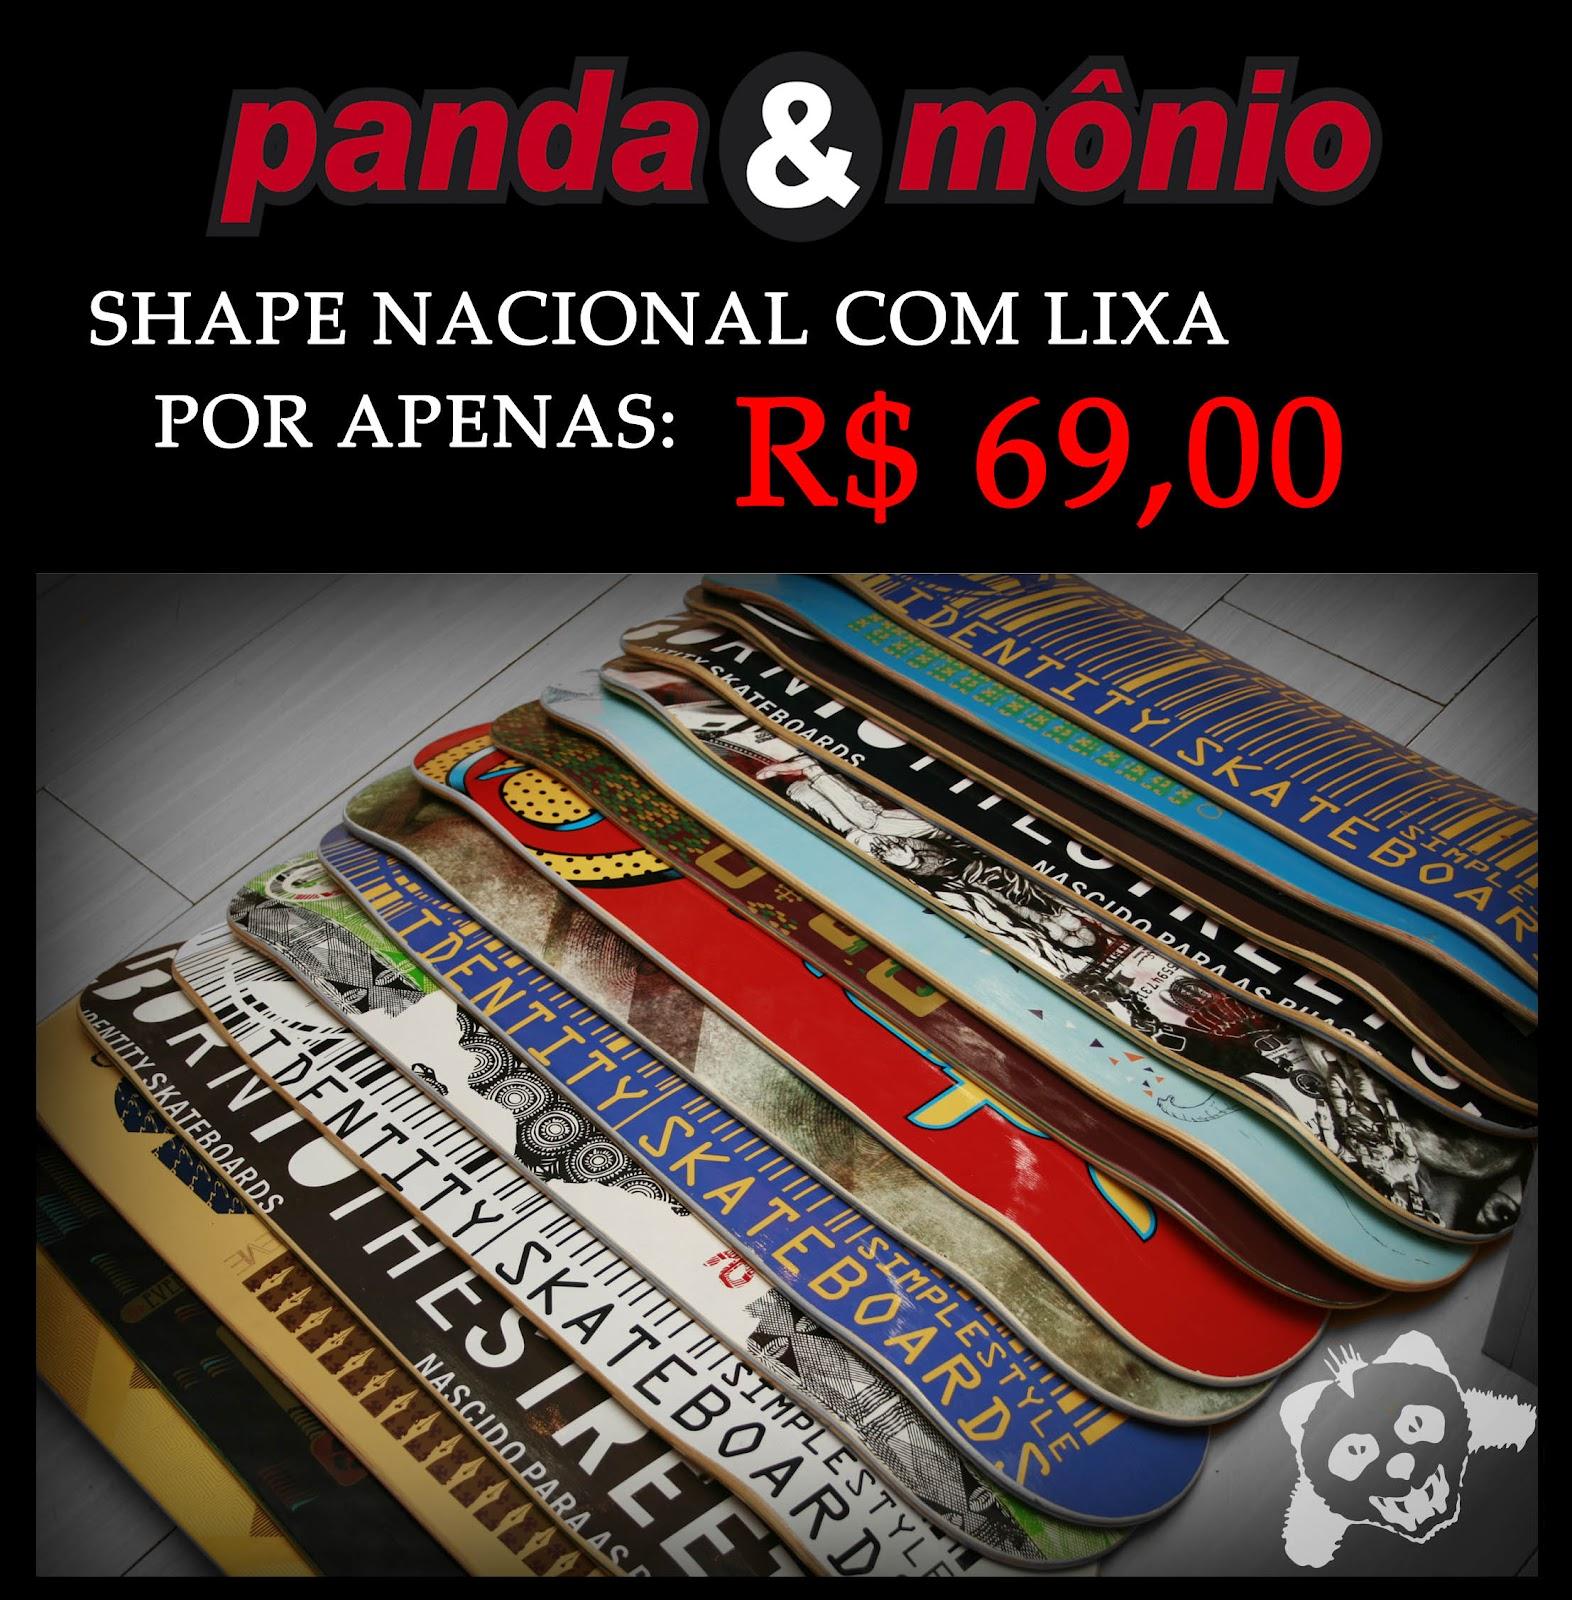 17d6e0b6b1130 Venha buscar seu shape novo na Panda Mônio! Promoção de shapes nacionais  com lixa por apenas R  69,00. Confira aqui os modelos!